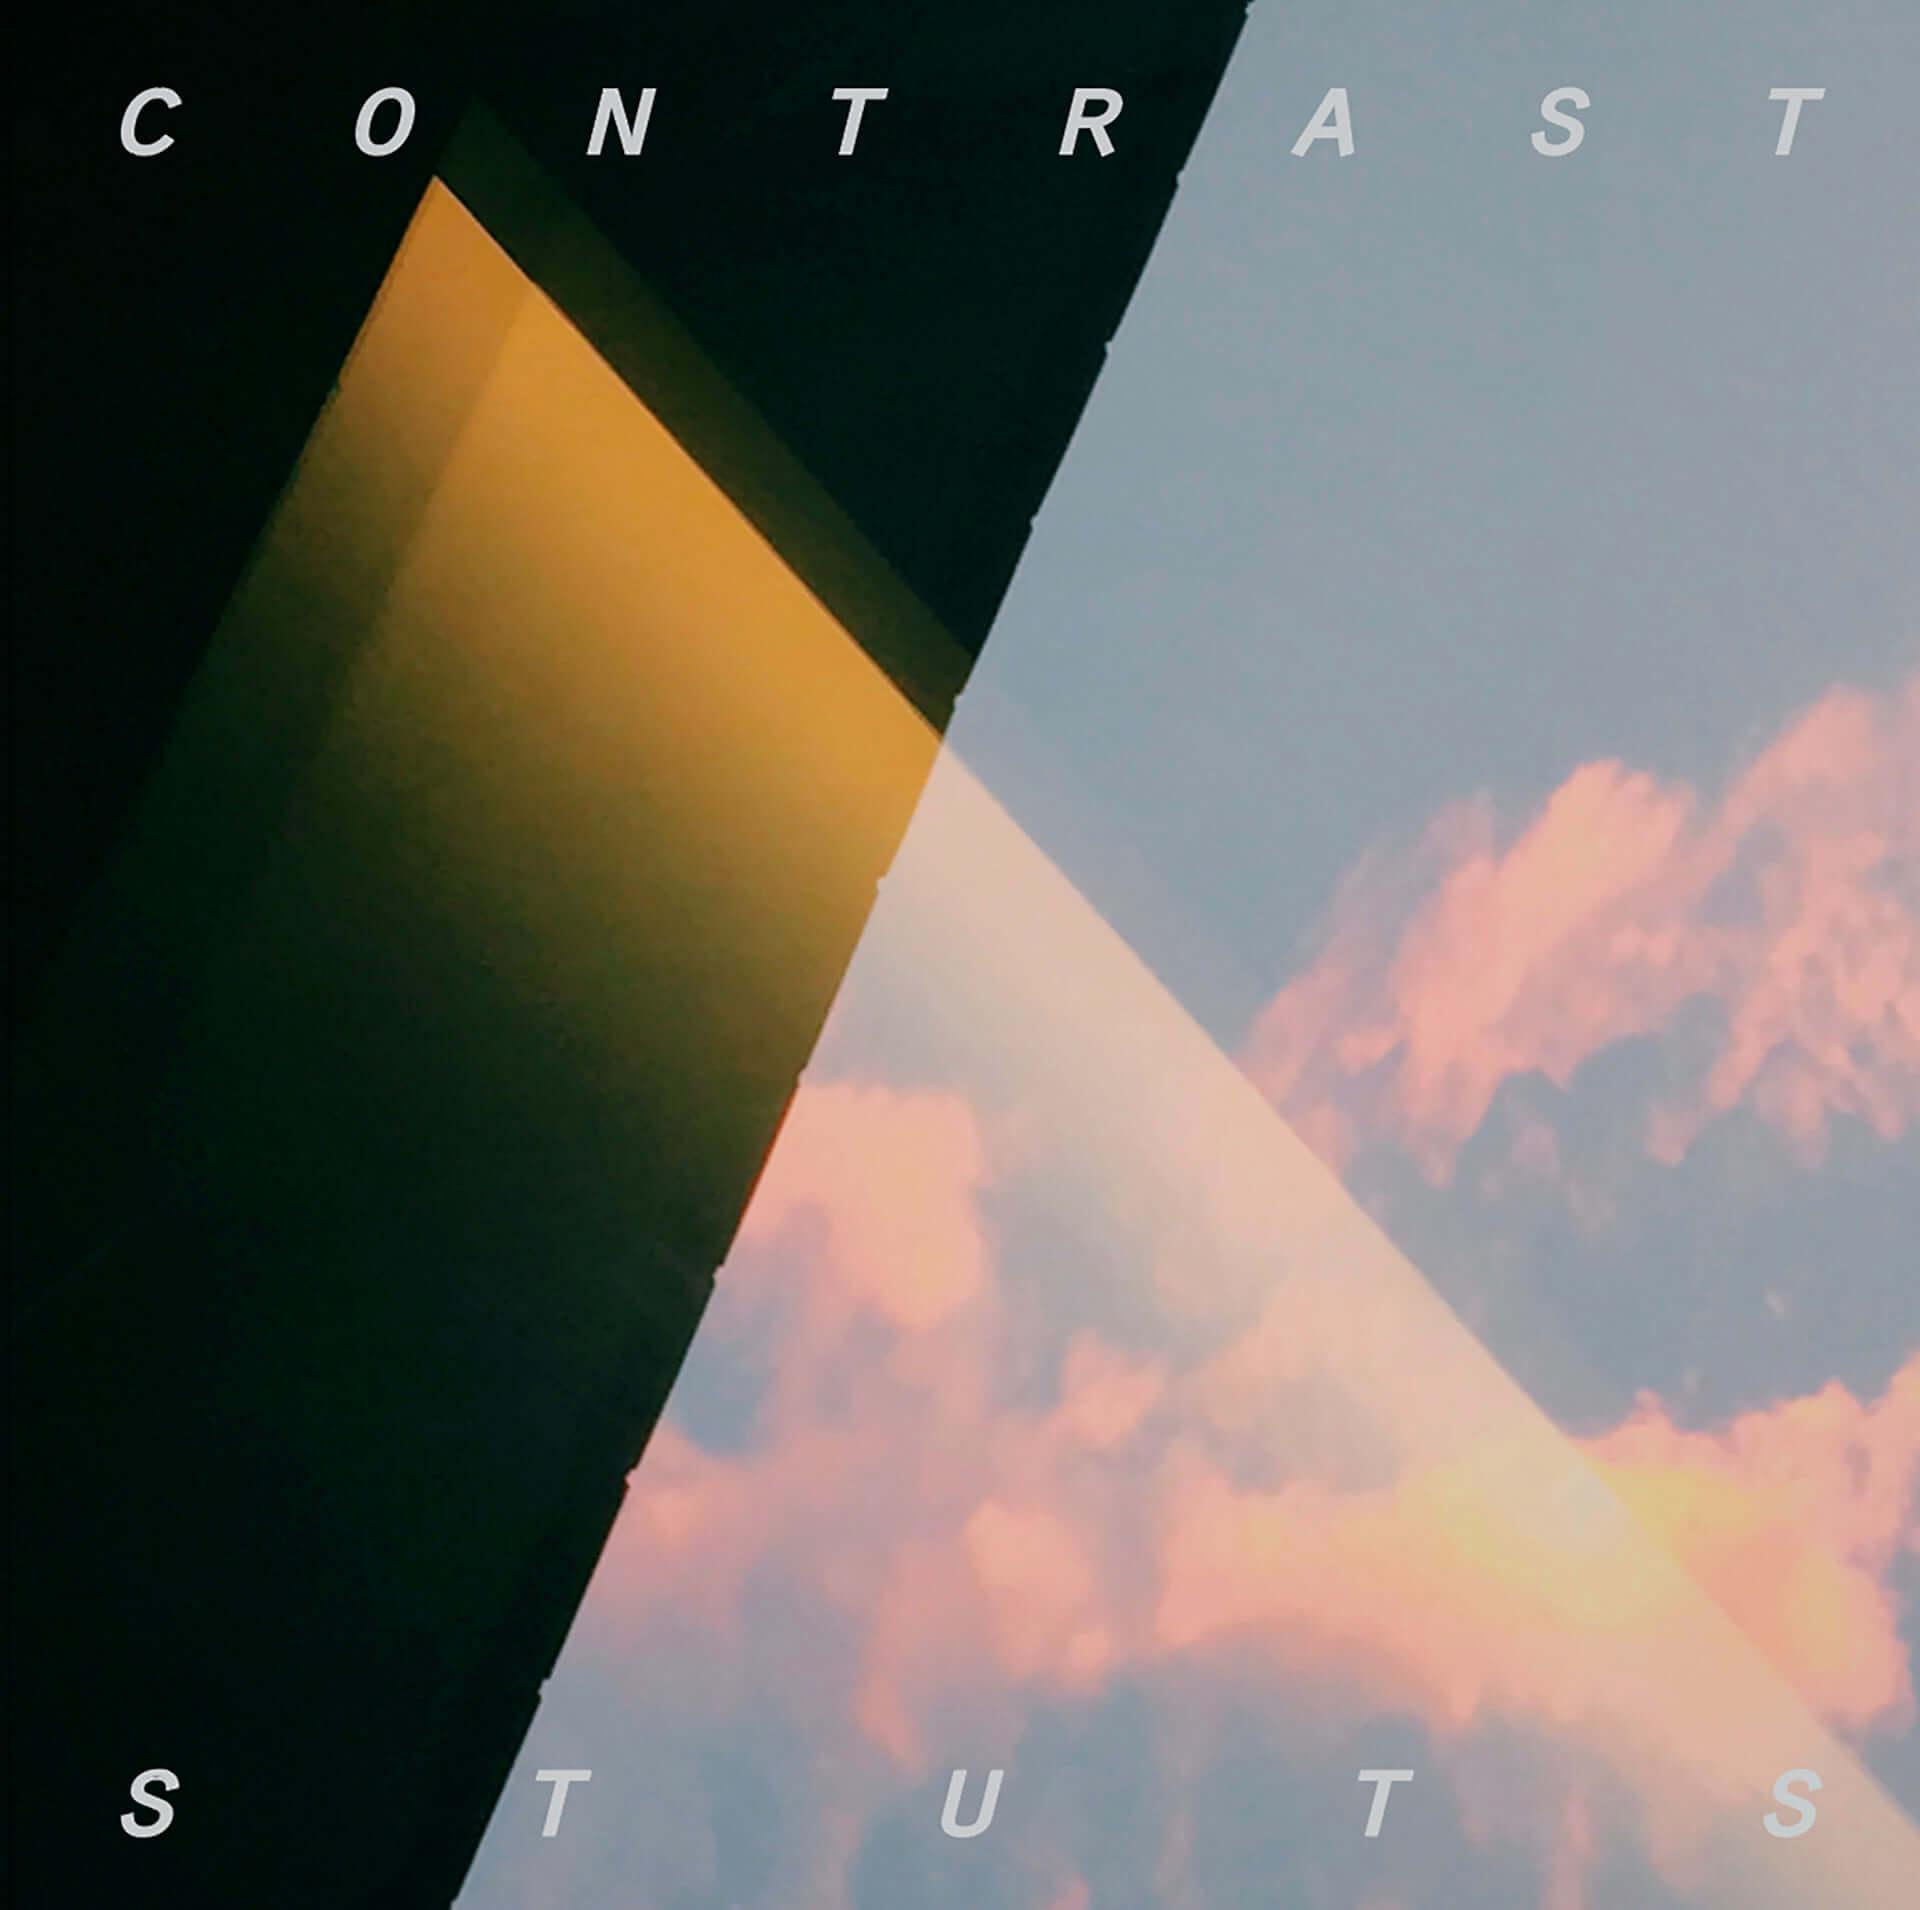 STUTSが待望のミニアルバム『Contrast』をリリース決定|鎮座DOPENESS、Daichi Yamamoto、SUMINも参加 musicf200803_stuts_1-1920x1910